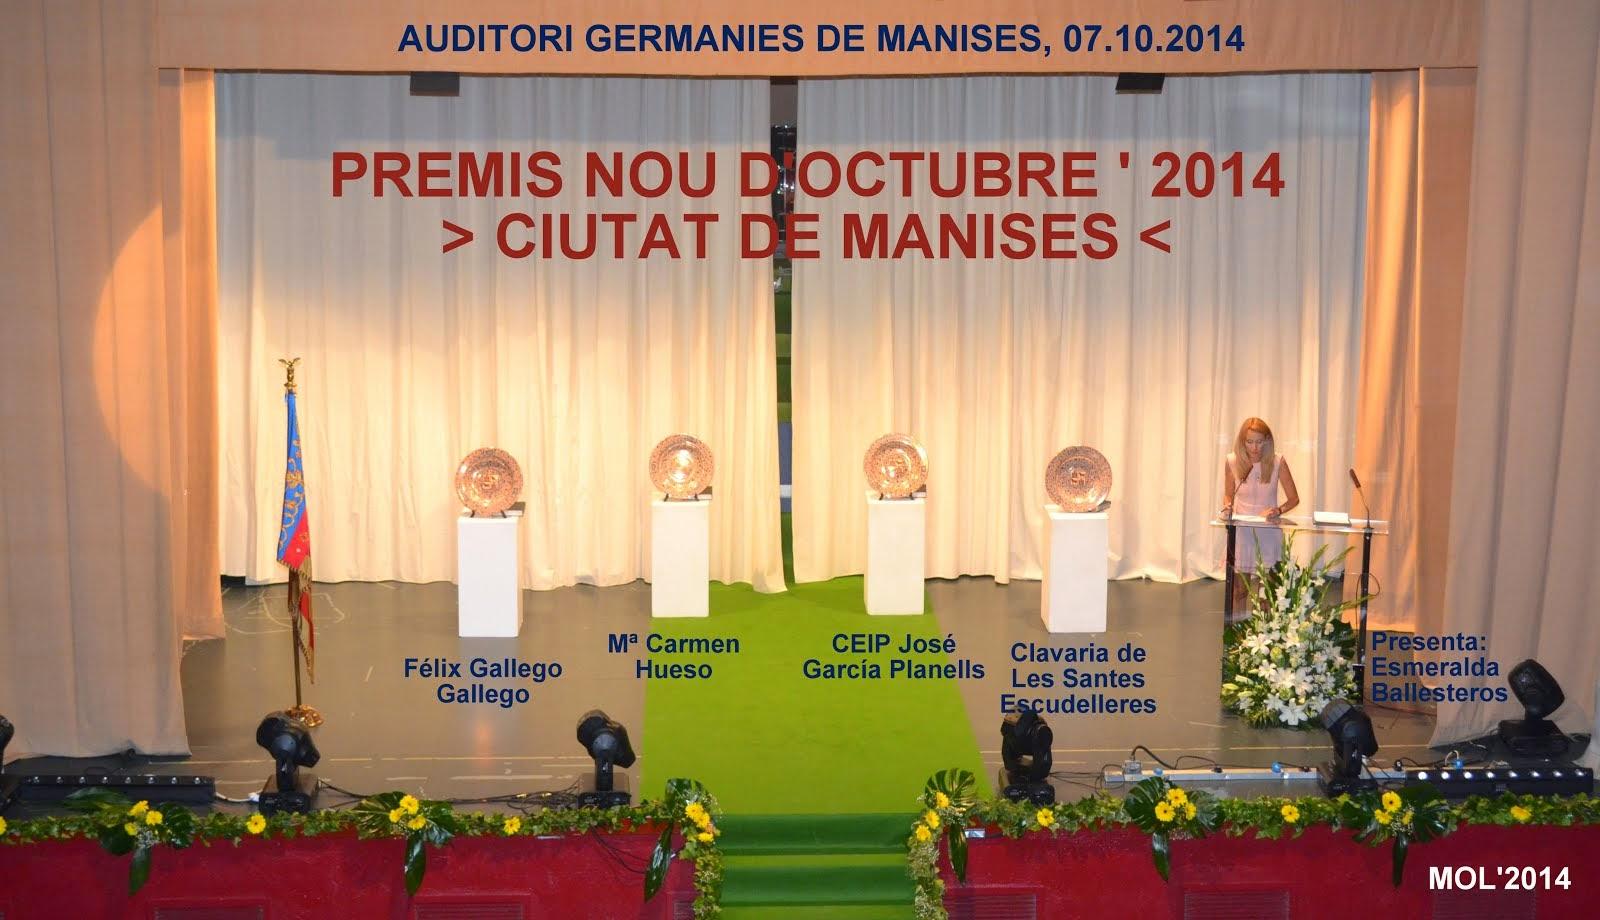 PREMIS NOU D'OCTUBRE DE 2014